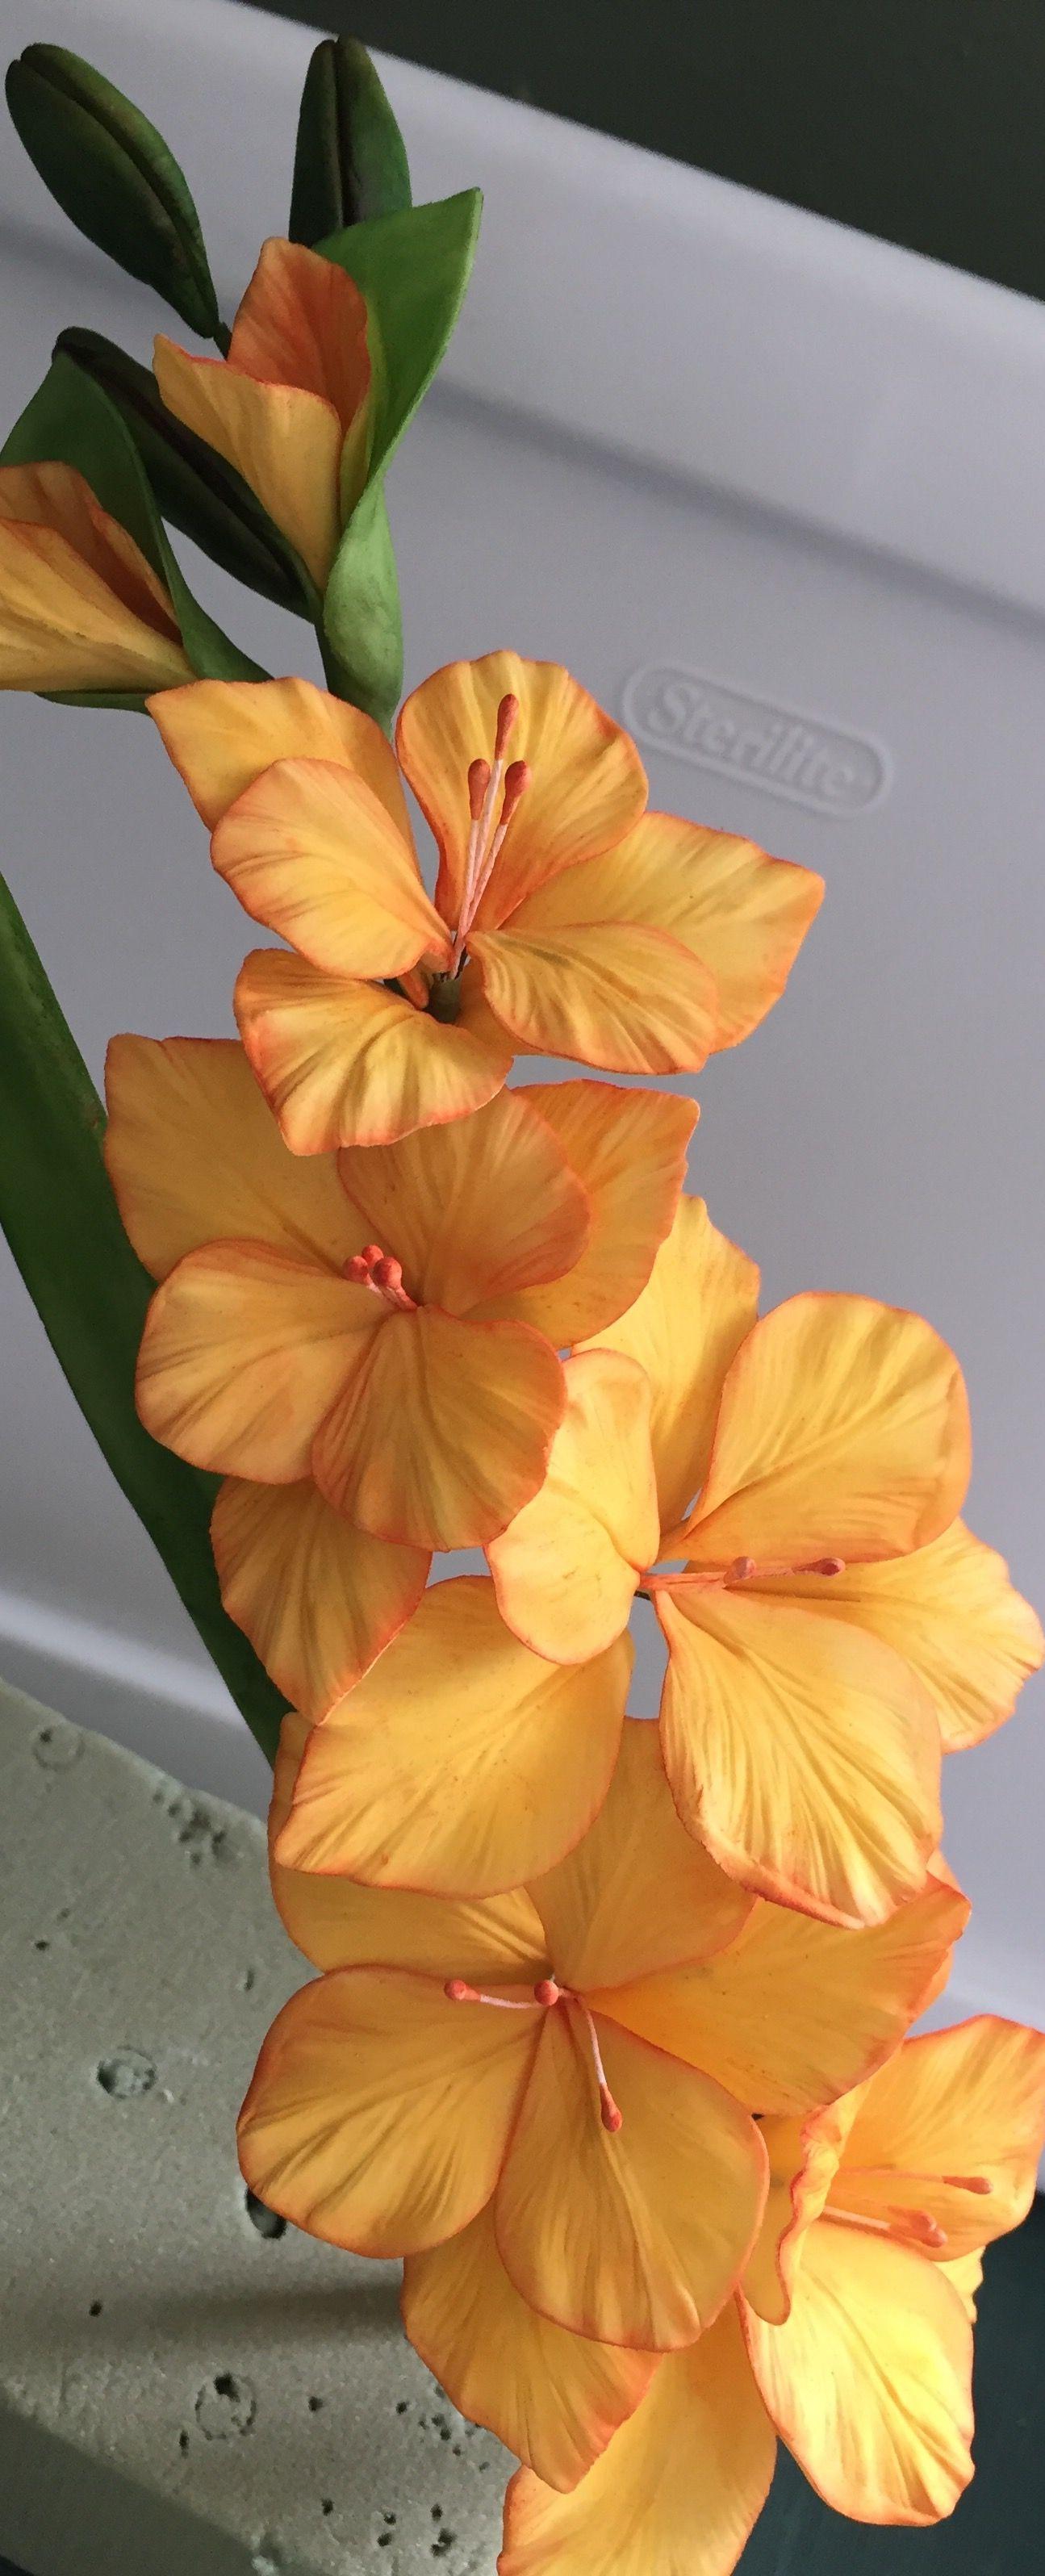 Gumpaste gladiolus cake decorating and gumpaste flowers gumpaste gladiolus izmirmasajfo